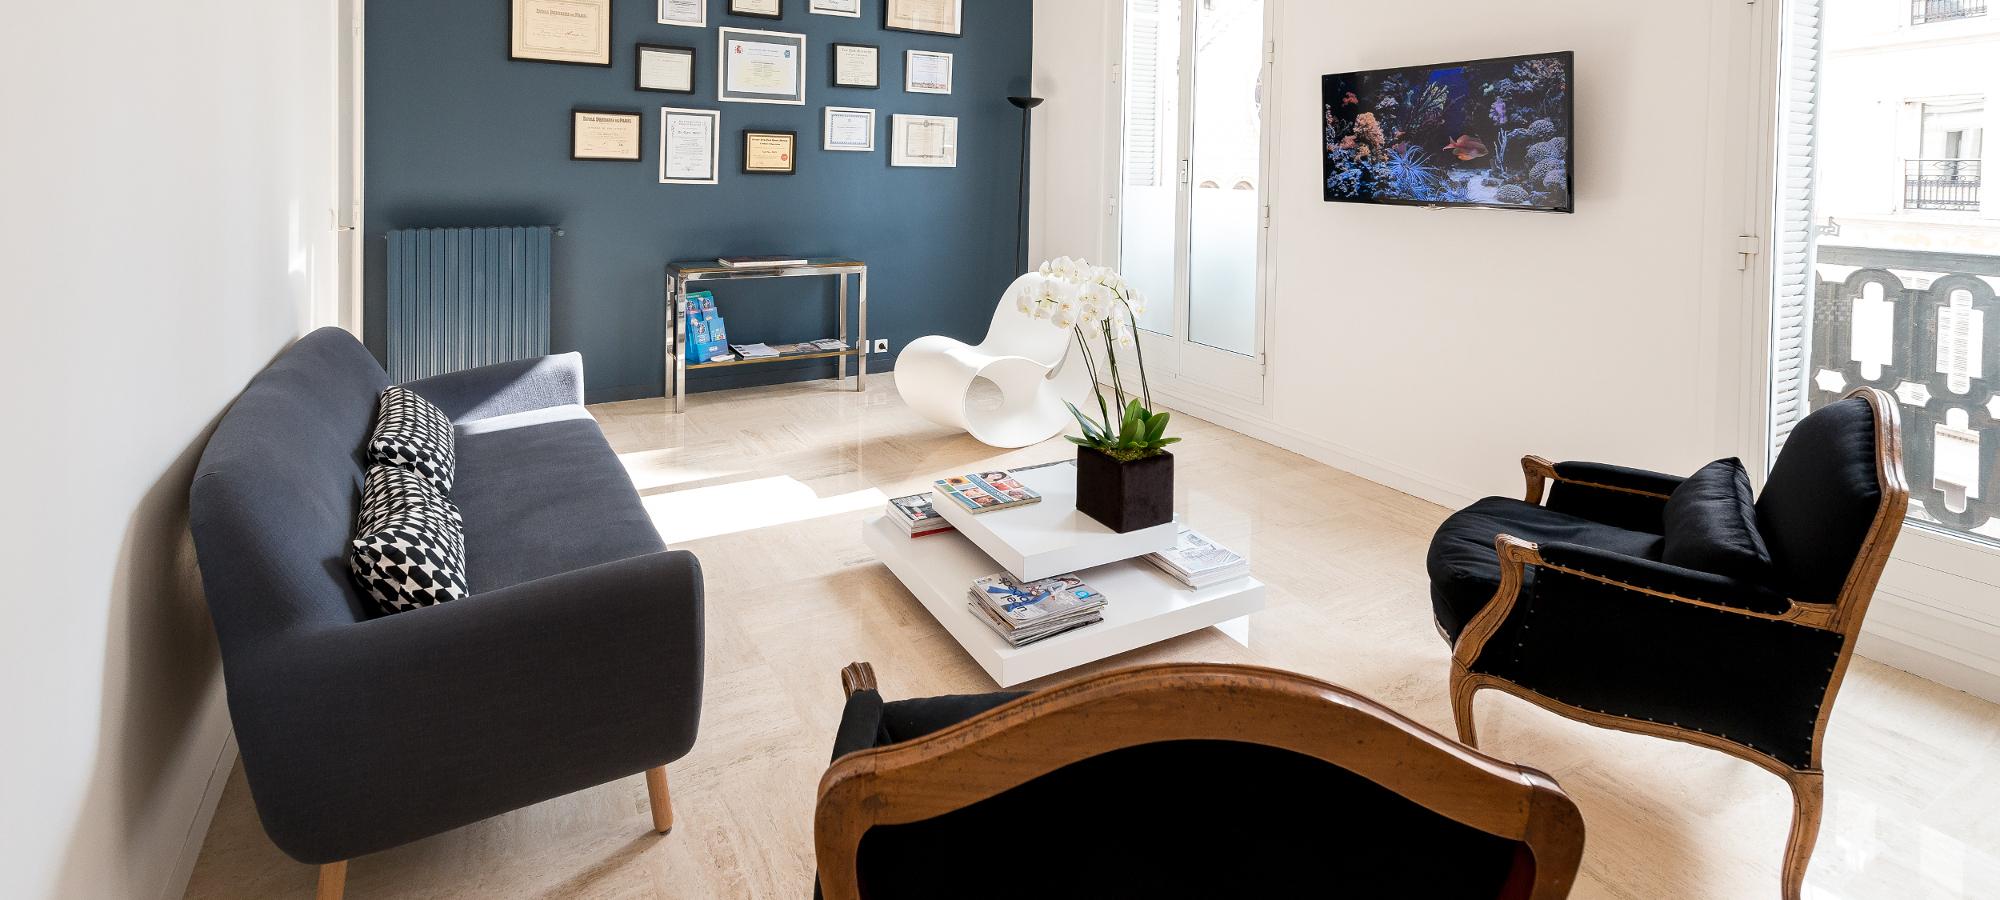 dentiste cannes dr cyril hery. Black Bedroom Furniture Sets. Home Design Ideas